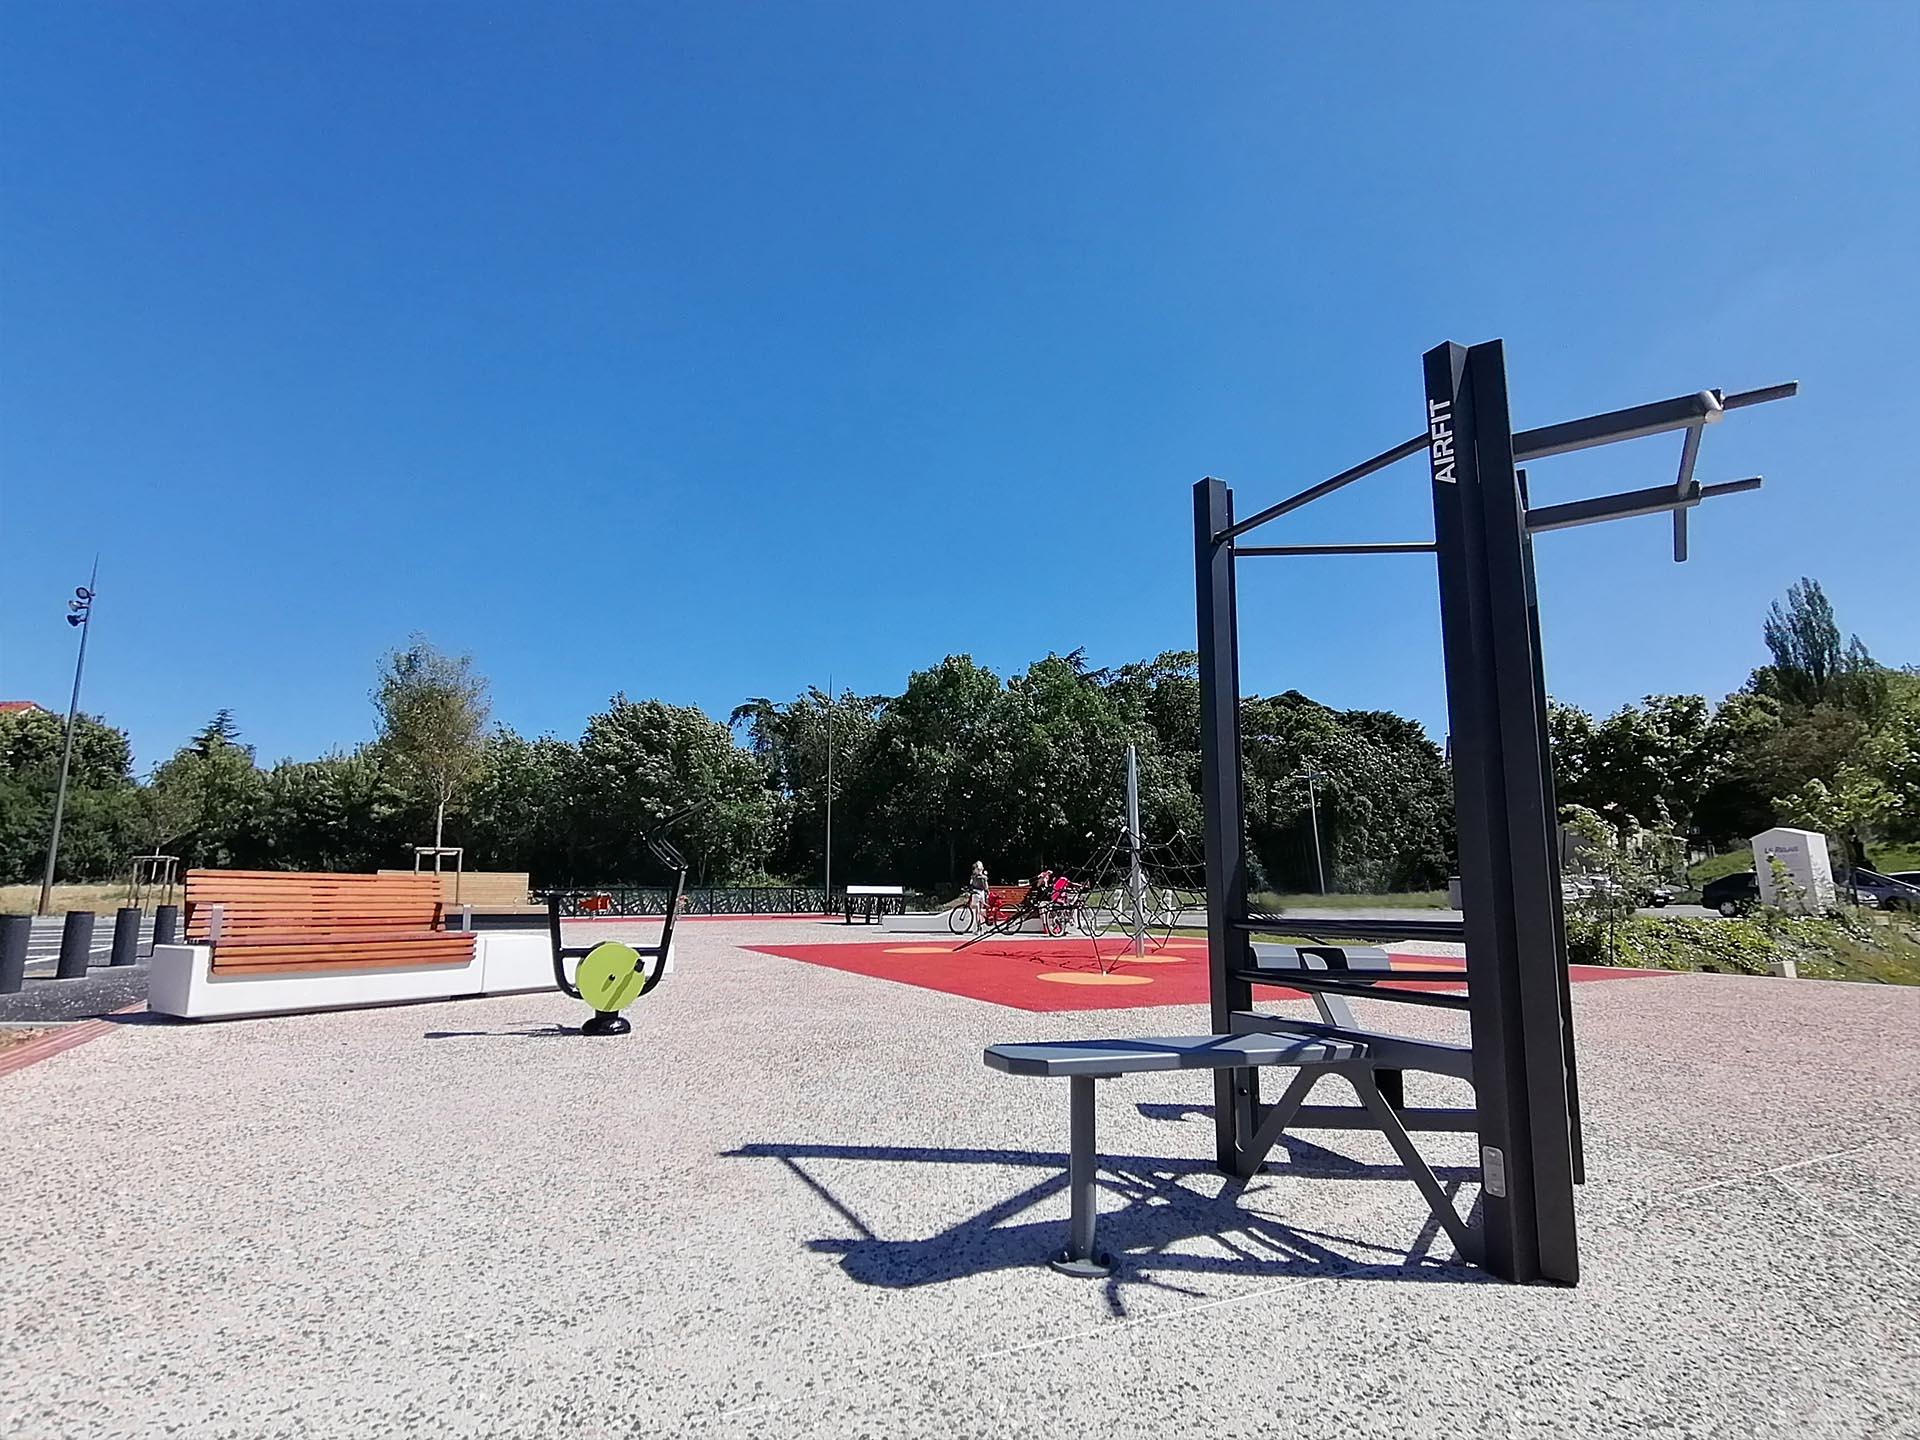 https://actu.fr/occitanie/nailloux_31396/nailloux-une-aire-de-fitness-connectee-pour-faire-du-sport-en-plein-air-avec-un-coach-virtuel_36482474.html